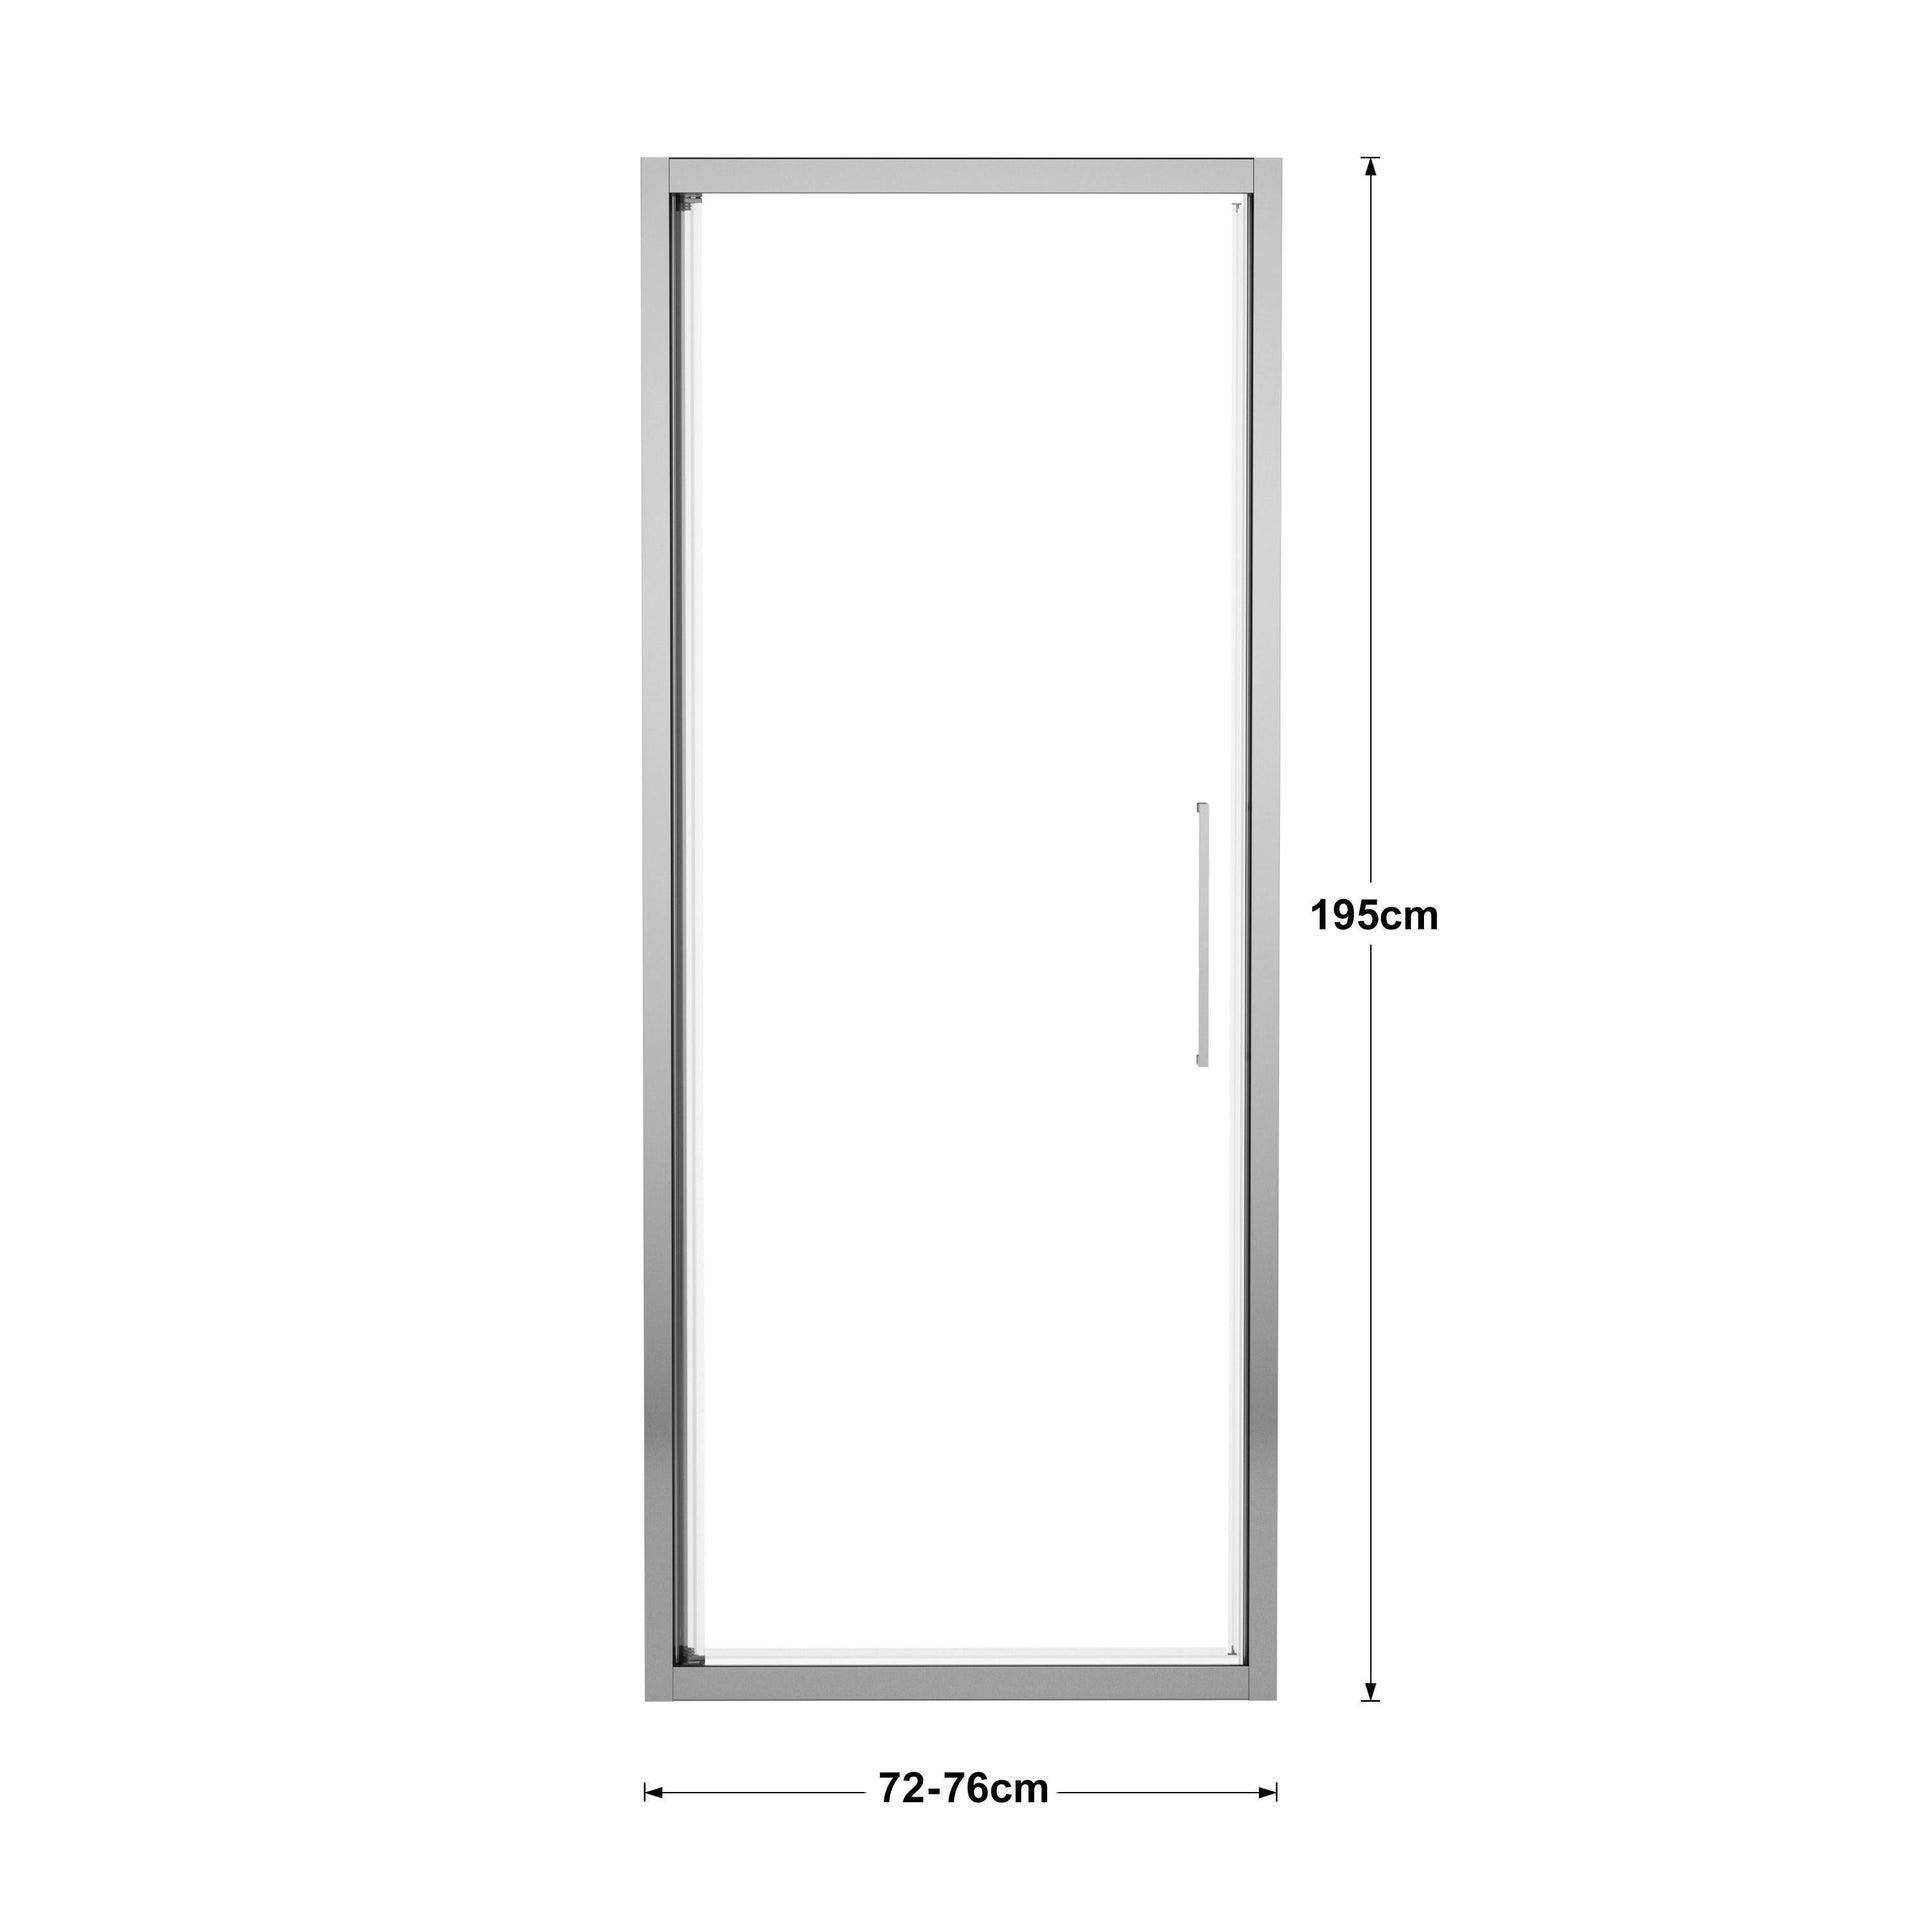 Porta doccia battente Record 72 cm, H 195 cm in vetro temprato, spessore 6 mm trasparente silver - 2